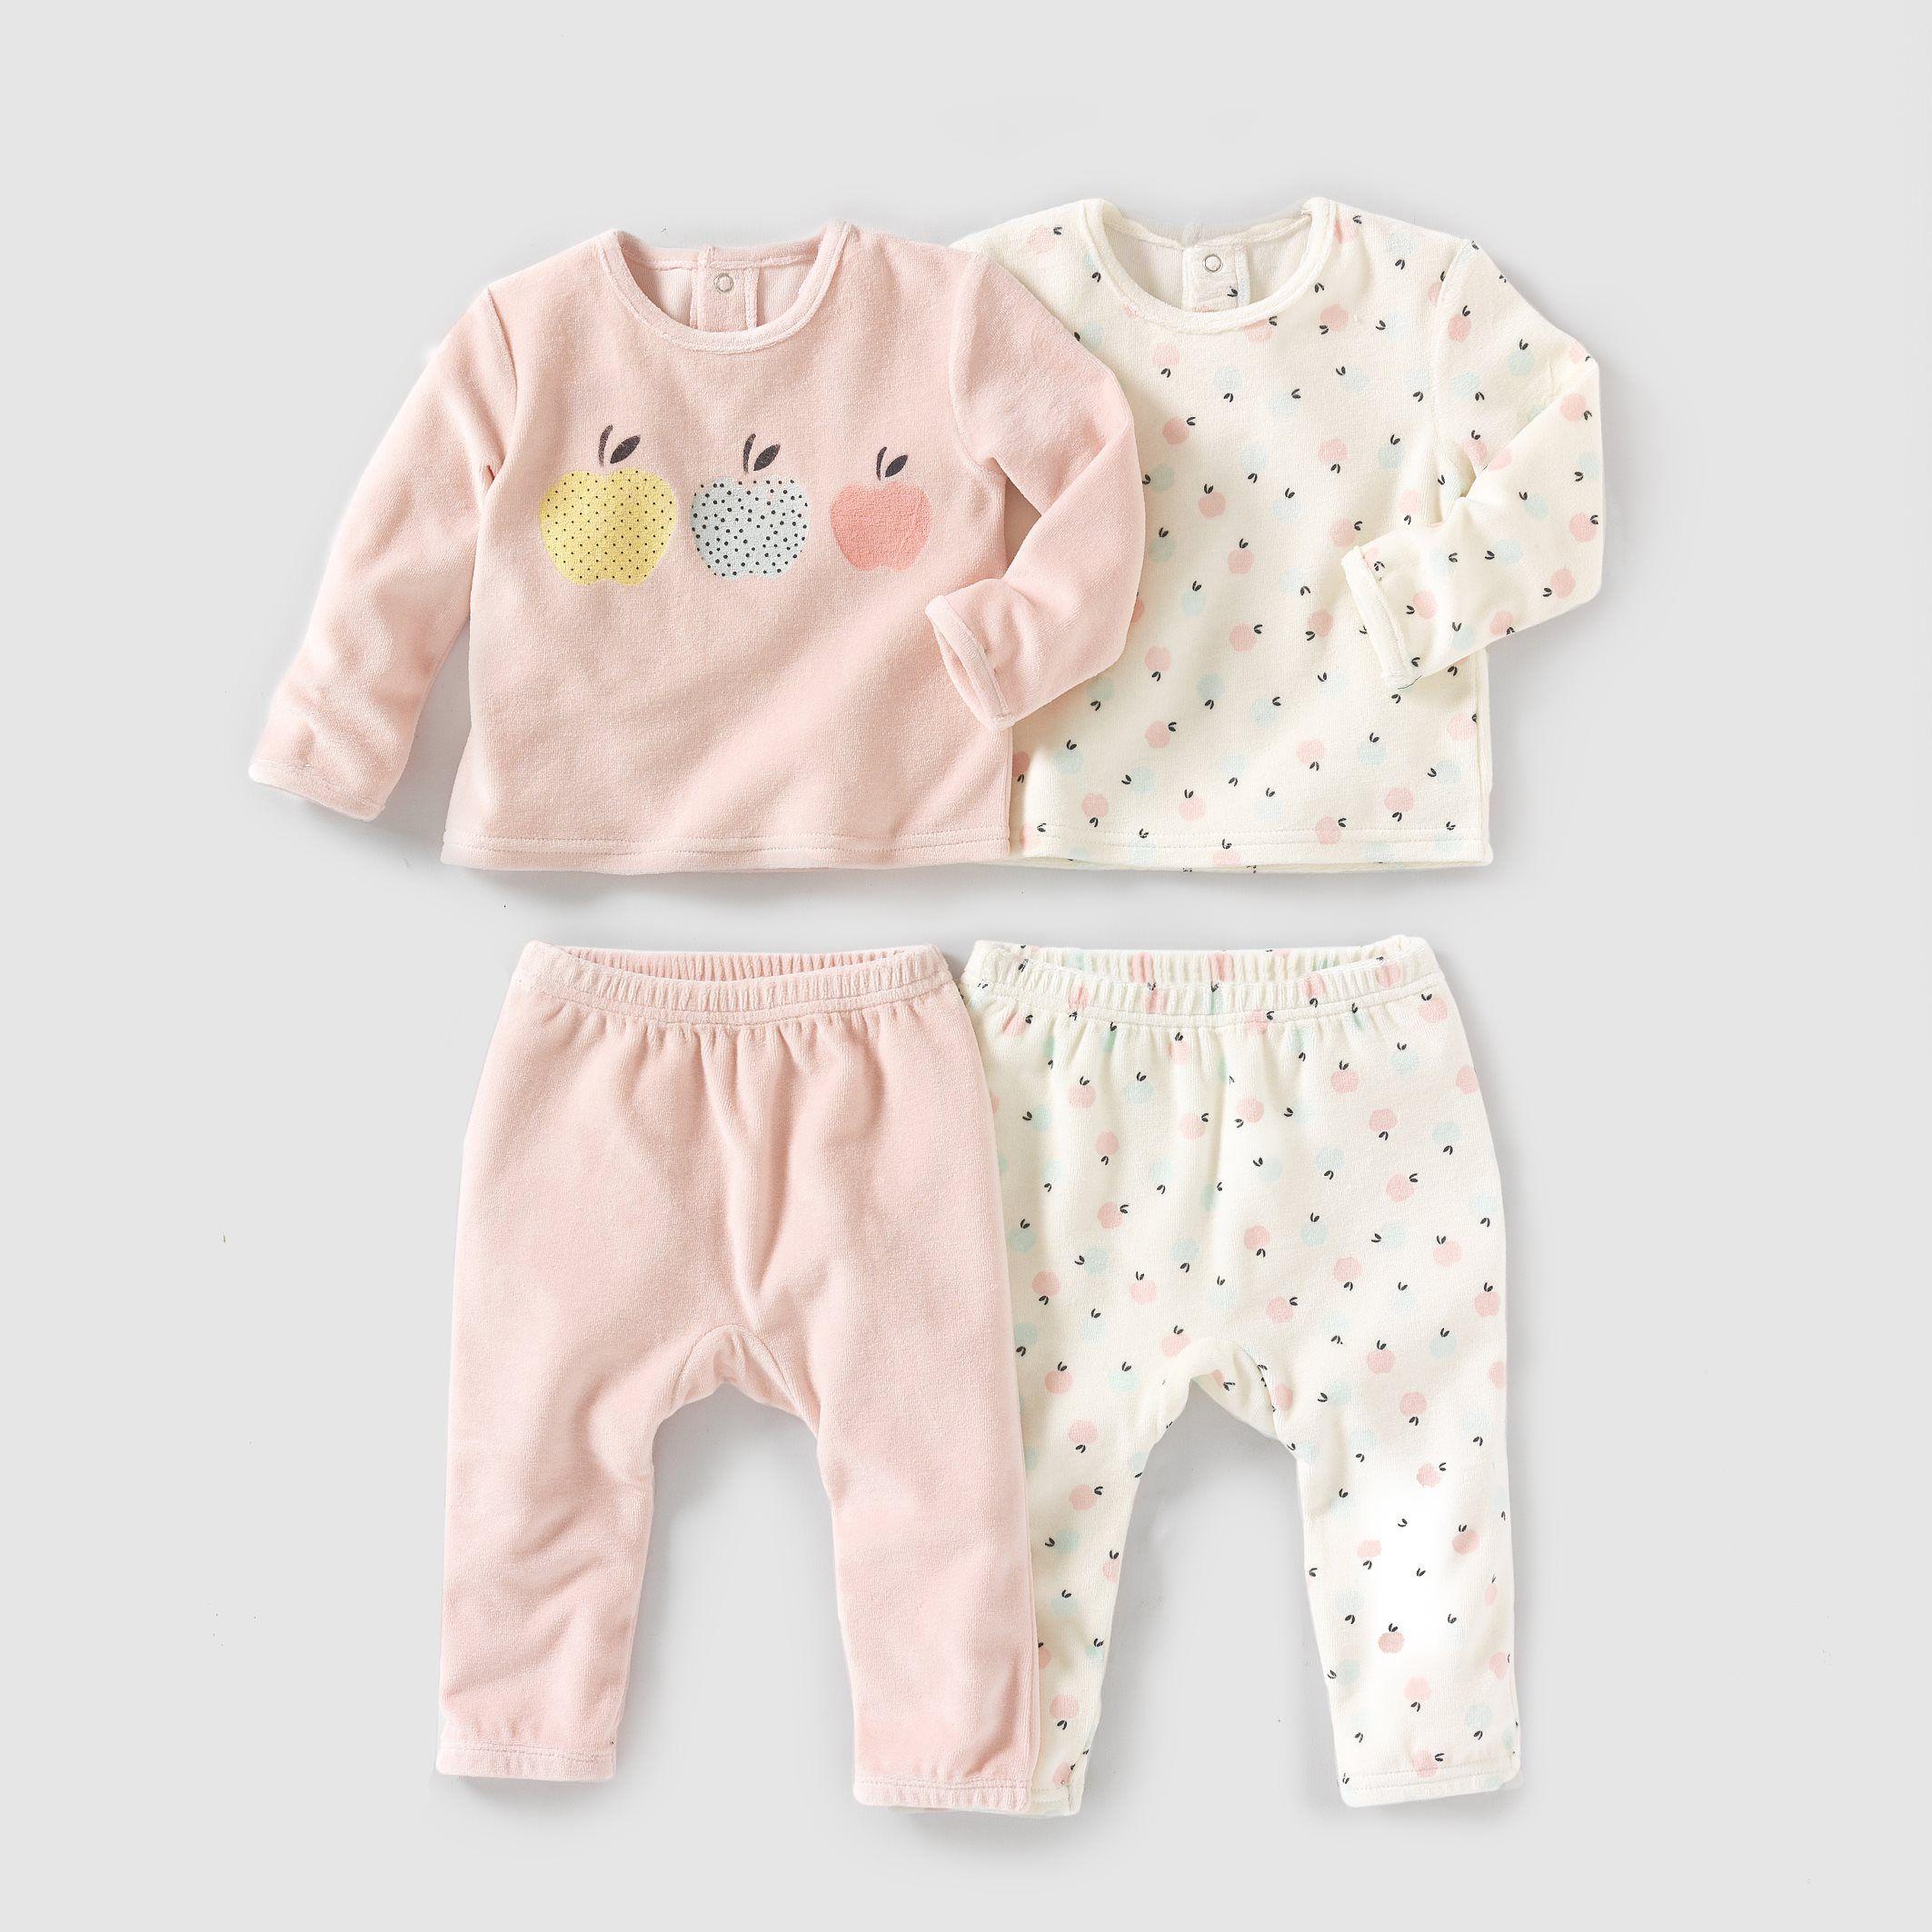 cfd77de0e74d9 Pyjama 2 pièces velours (lot de 2) 0 mois-3 ans R Mini